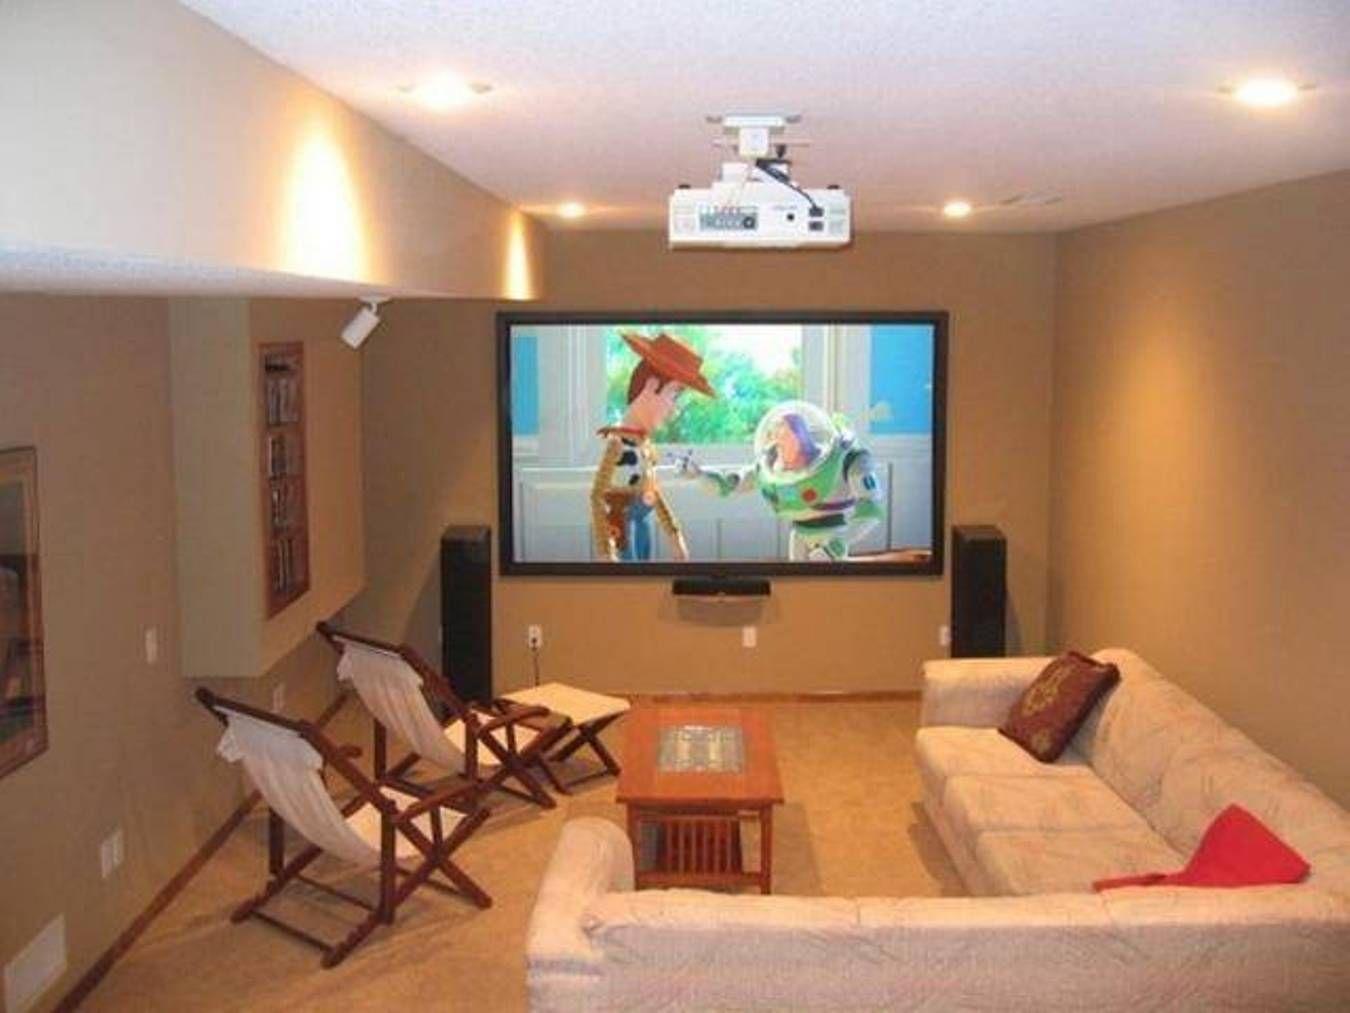 Basement Home Theater Design Ideas Decor small home theater room ideas - home design and decor inspiration